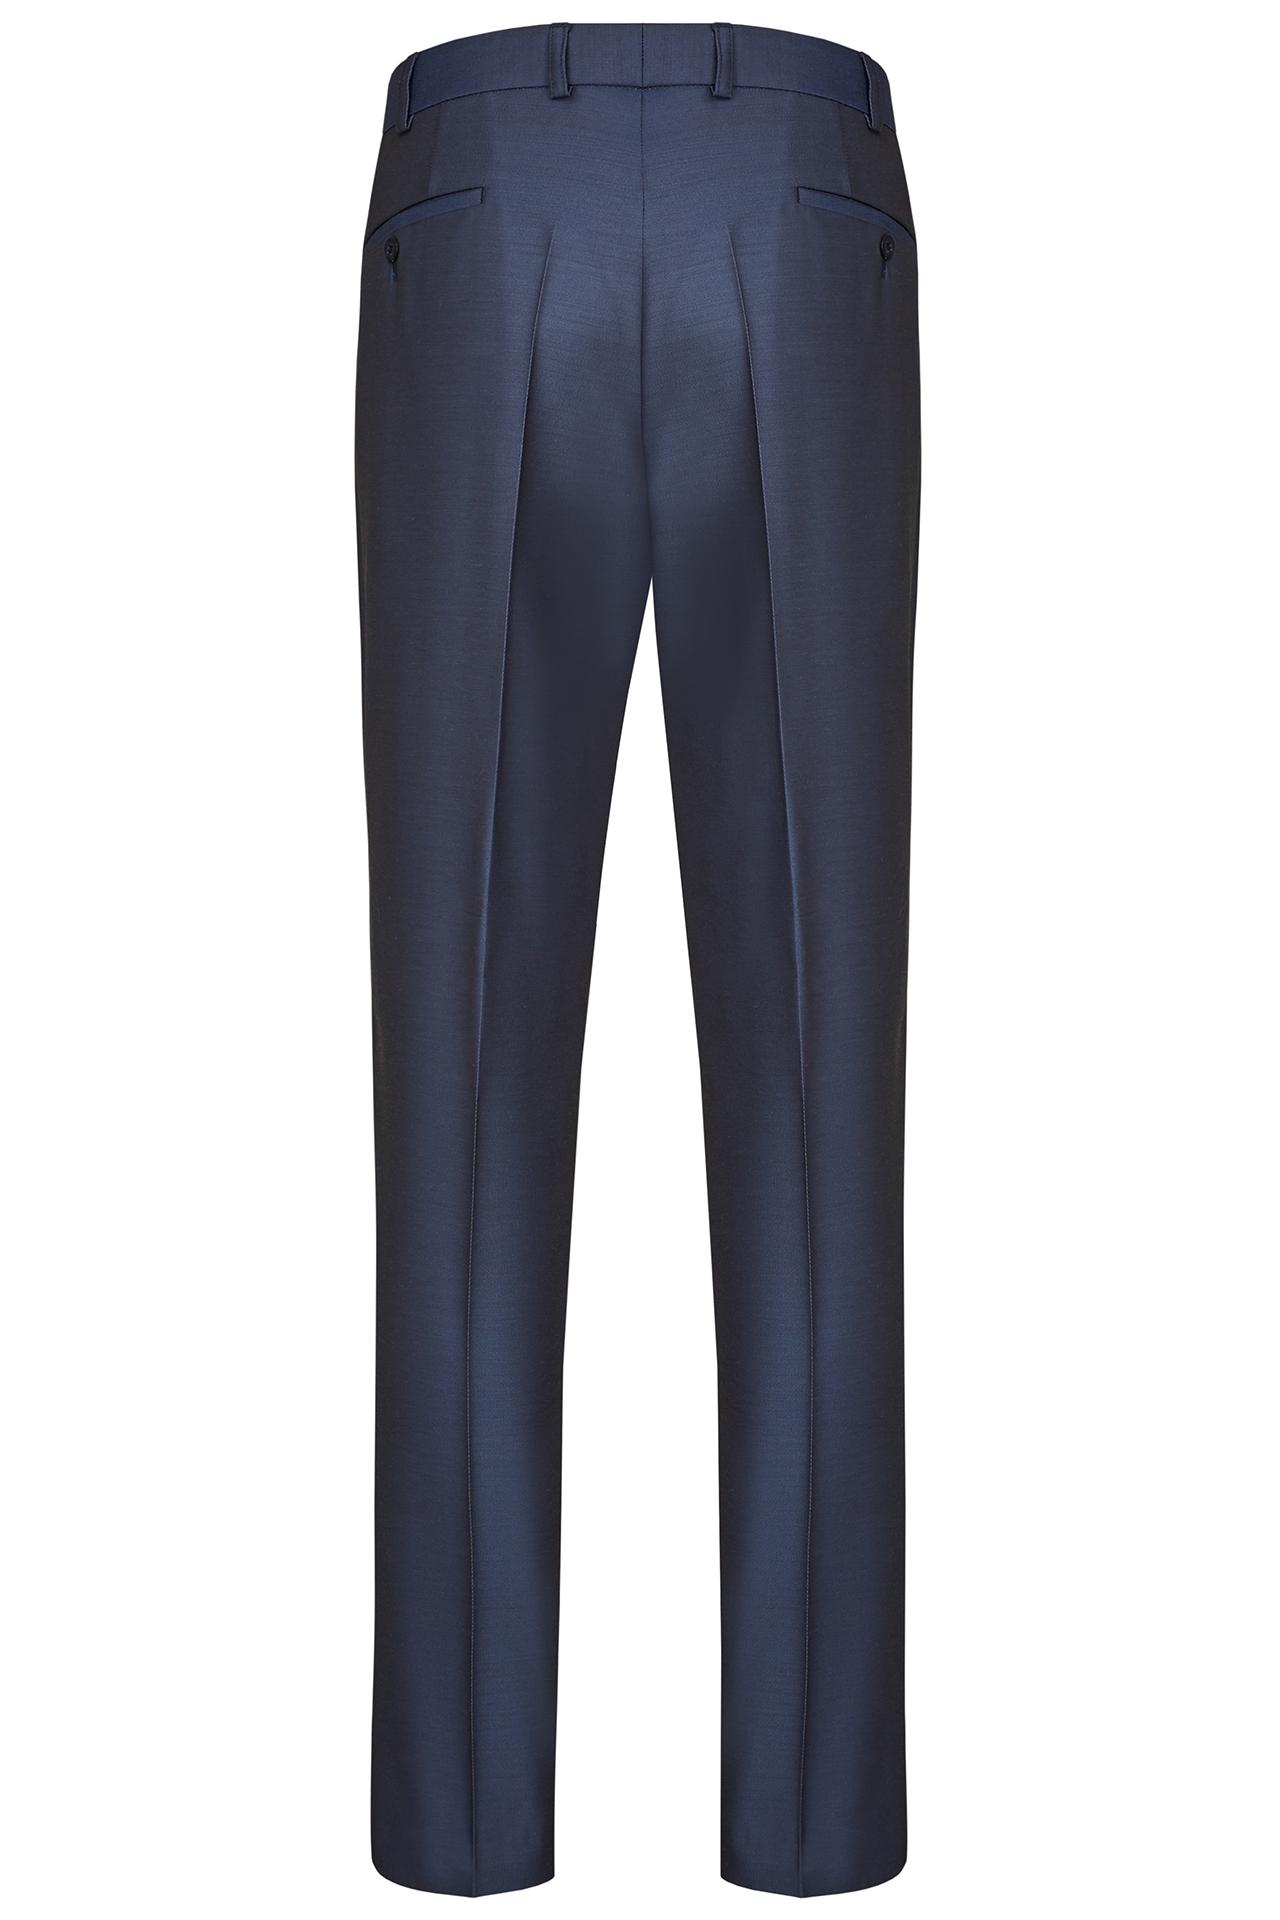 Wilvorst Hochzeitsanzug Hose After Six blau 451100 724 035